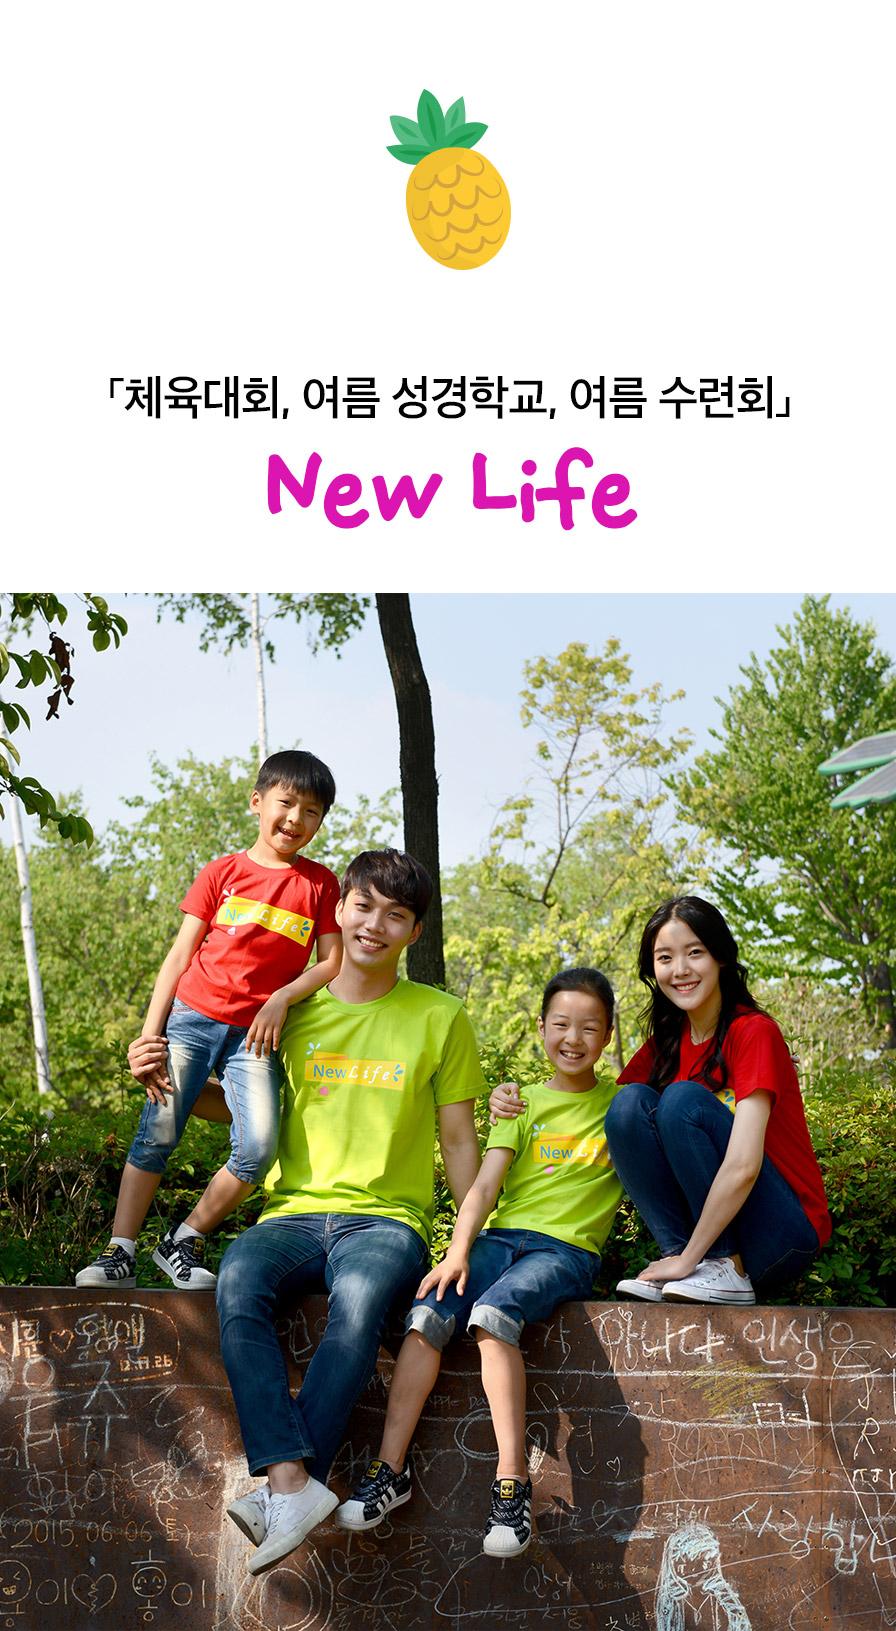 교회단체티 New Life 새 생명 intro